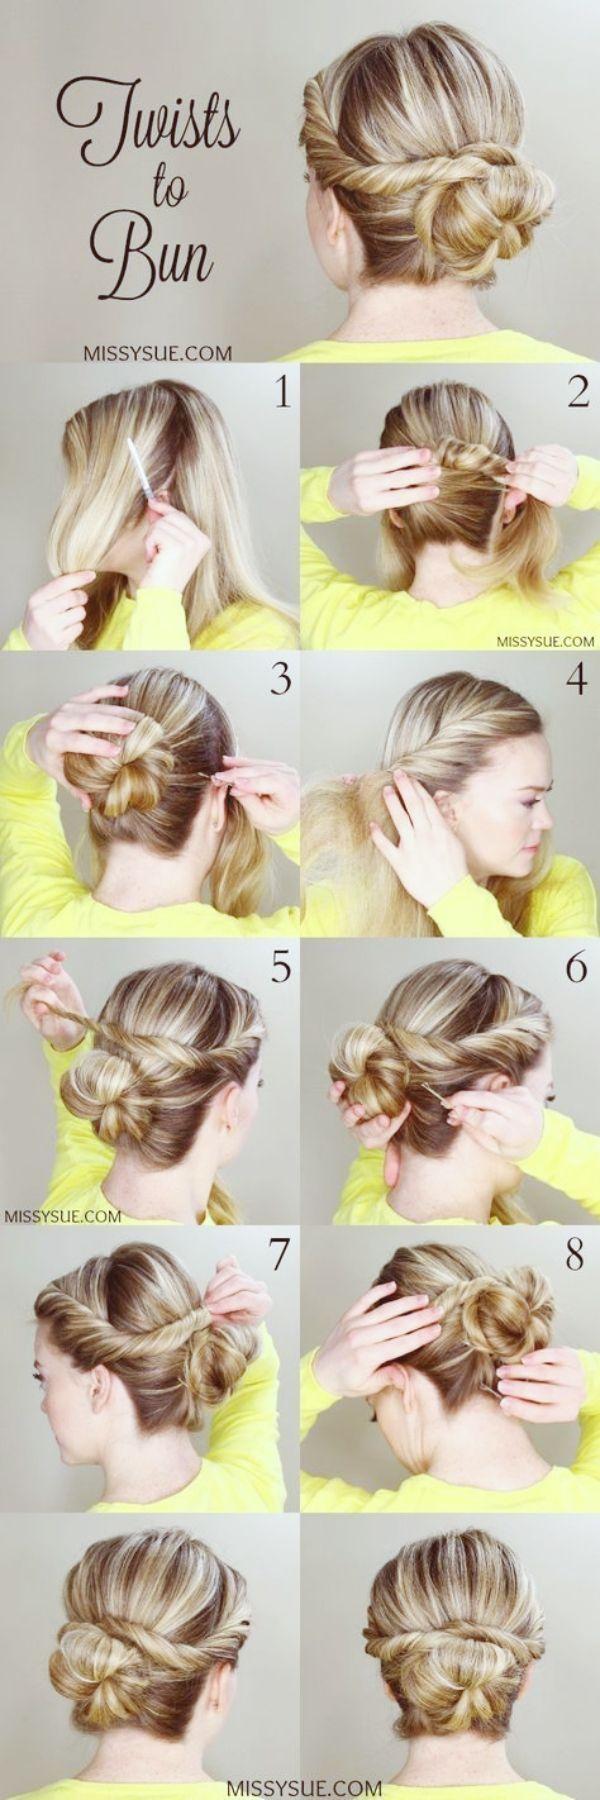 45 Kinderleicht Frisuren Tutorials Fur Das Arbeiten Von Moms Neue Besten Frisur Haartutorial Mutter Frisuren Haar Styling